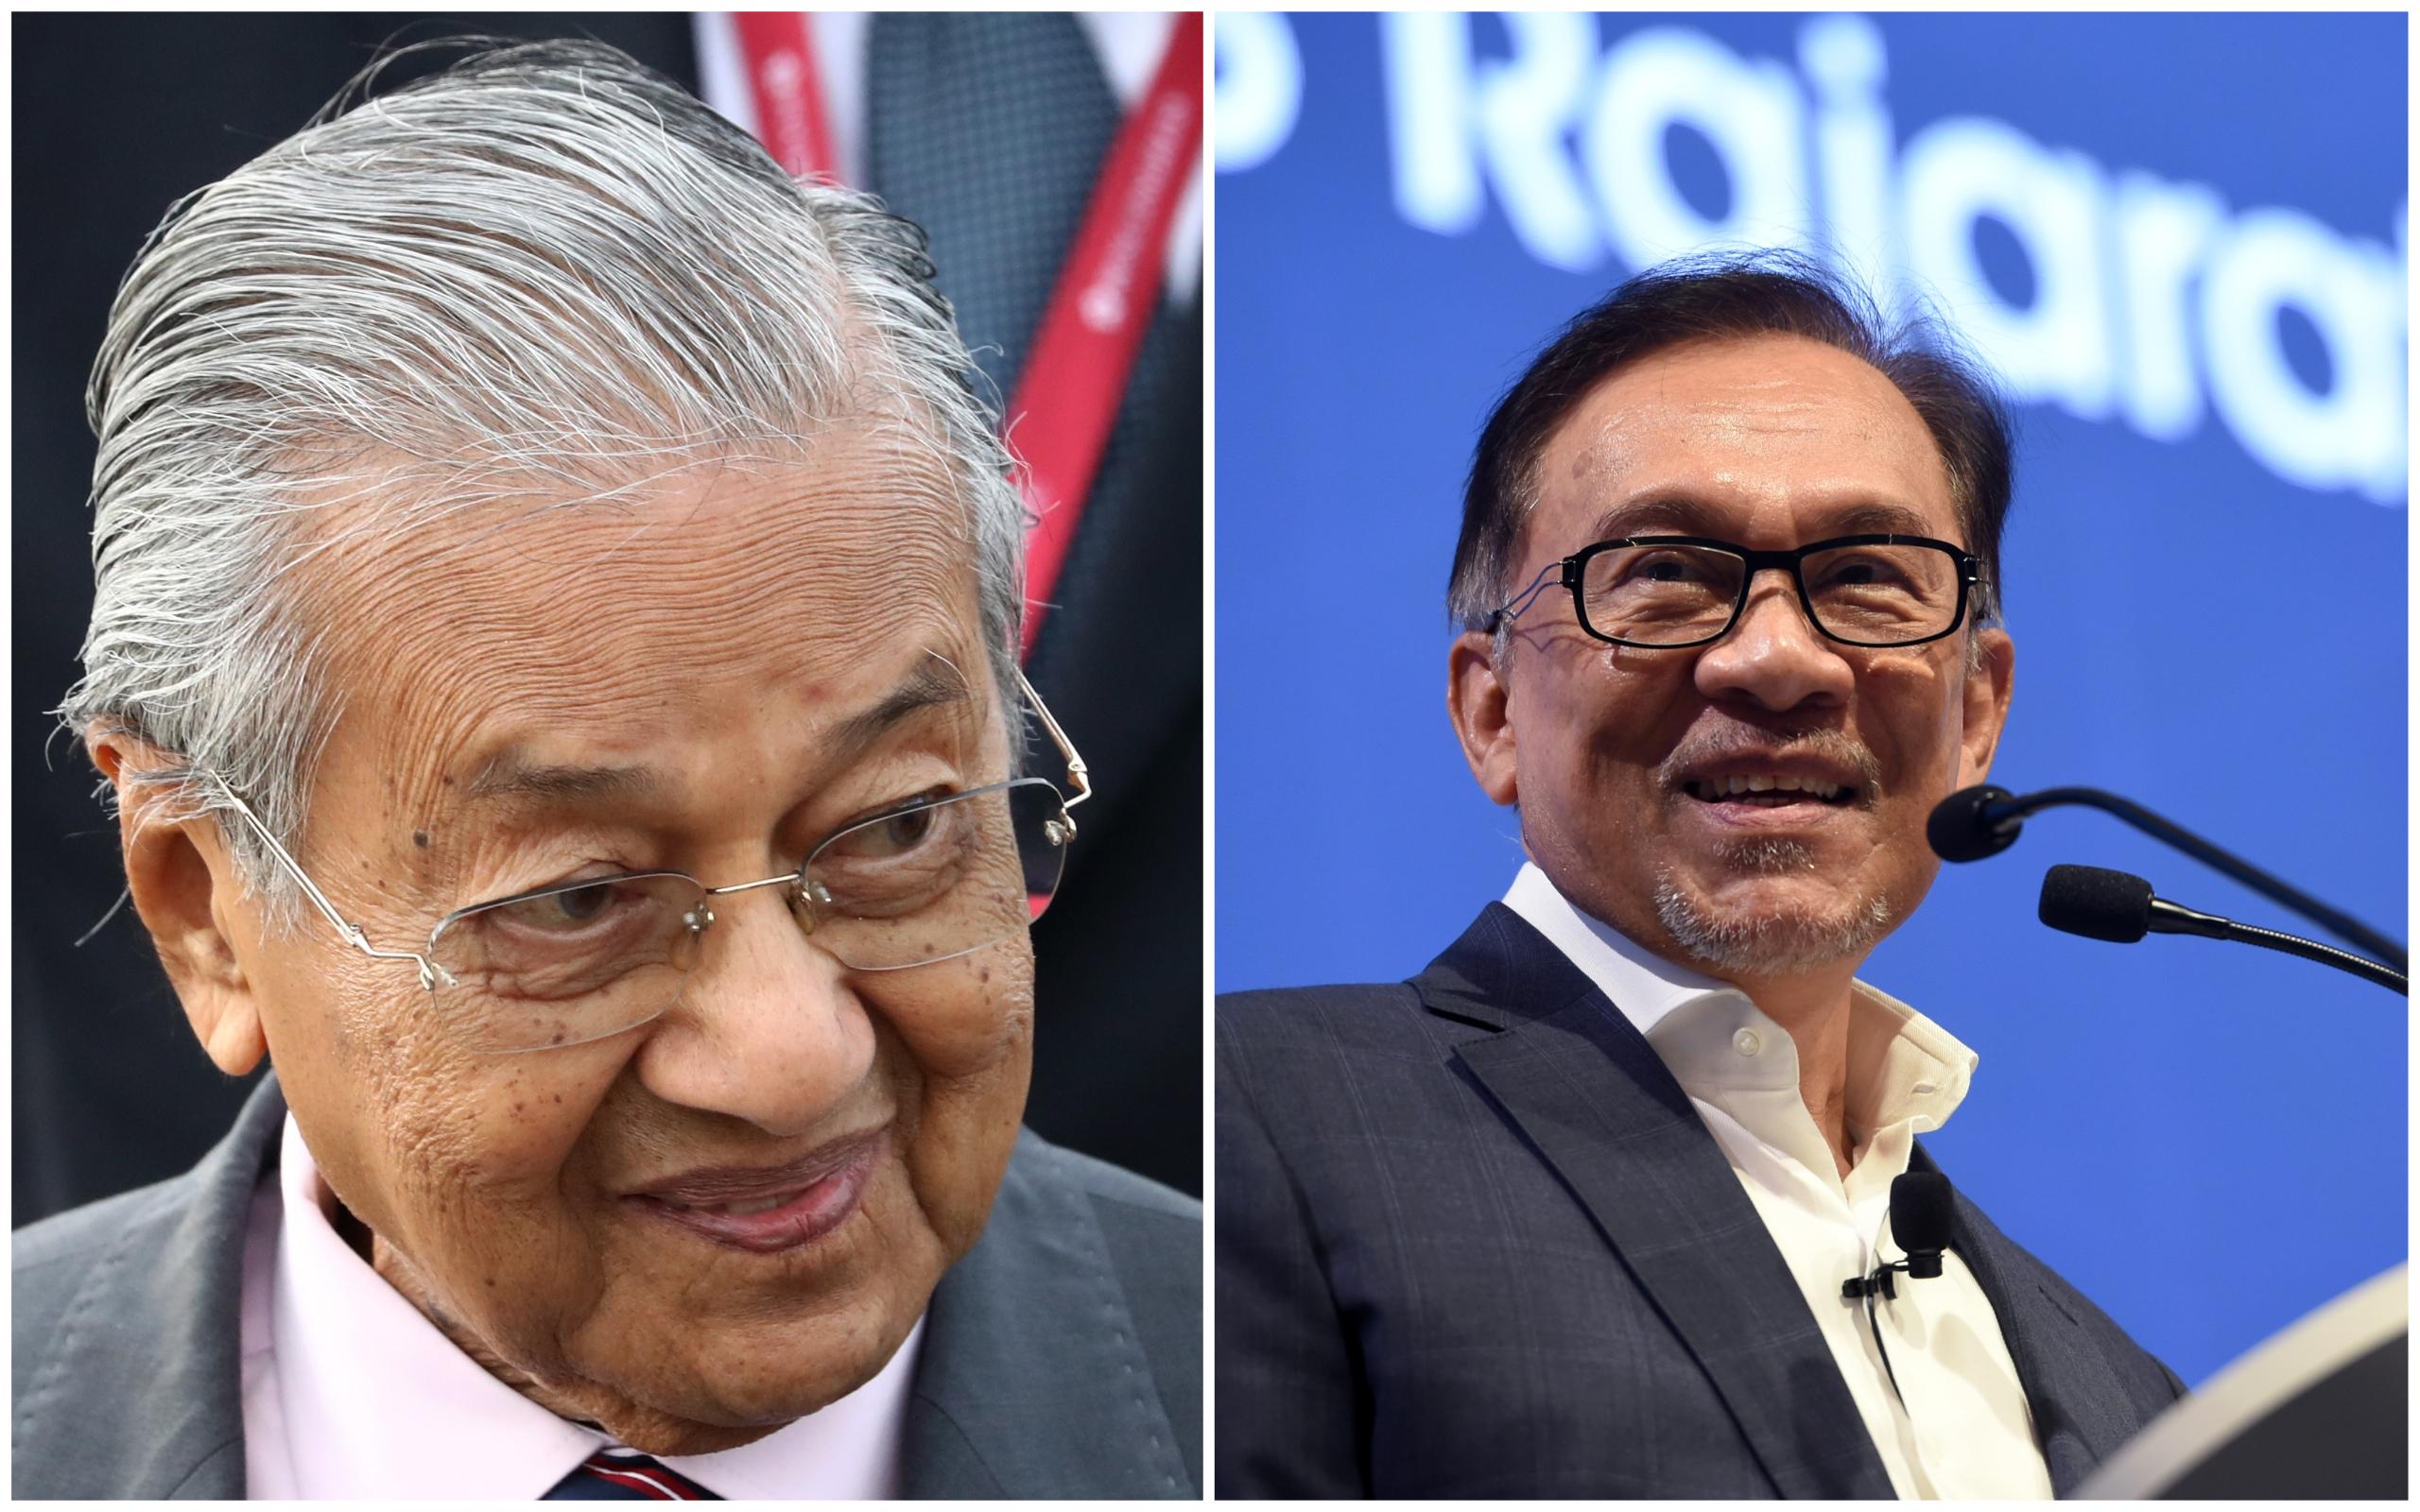 马哈迪:邀请人民公正党主席安华入阁